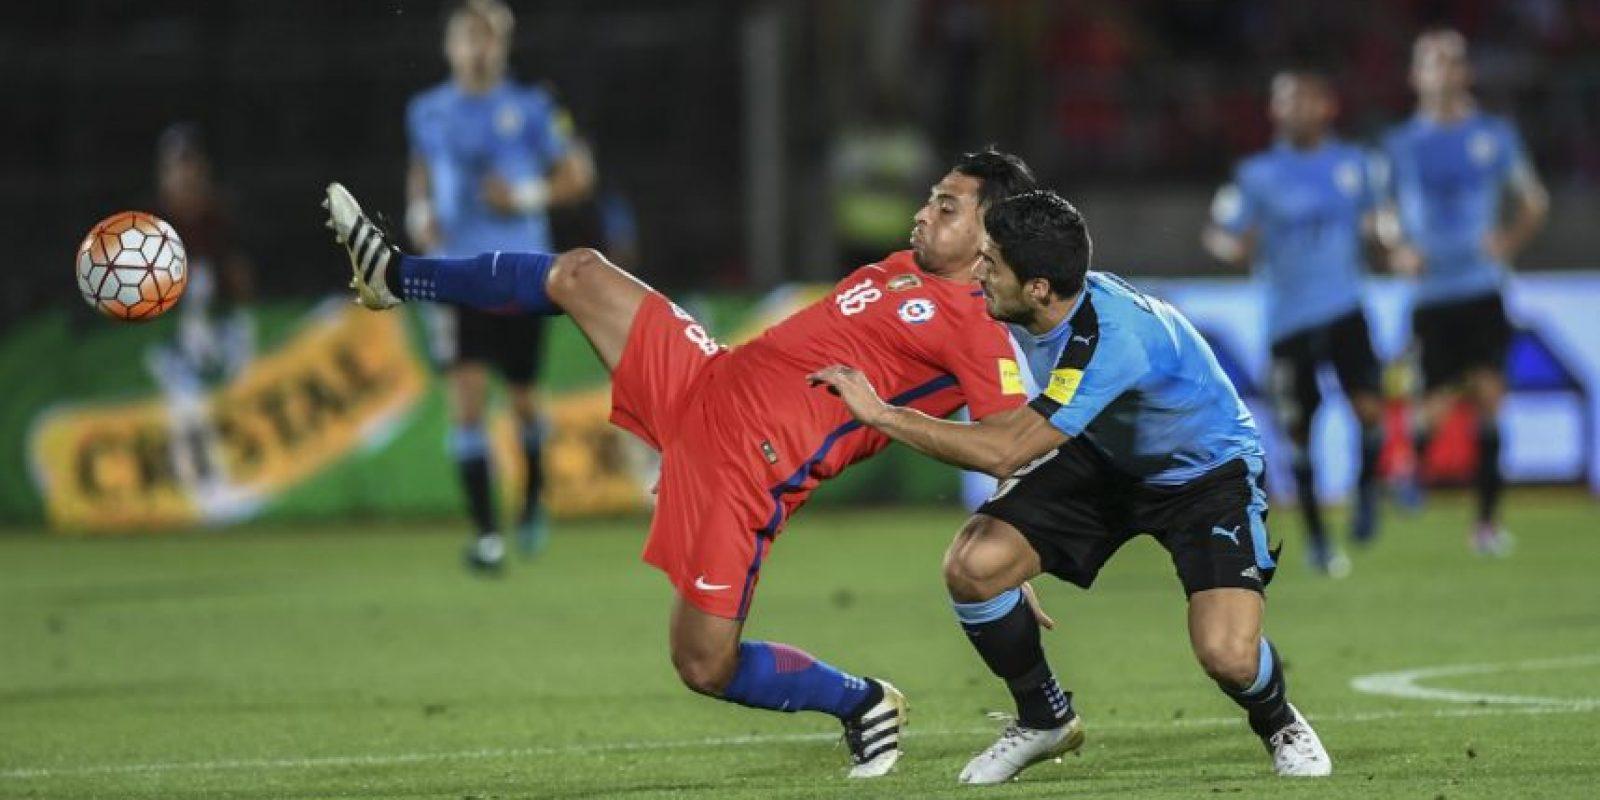 AFP Foto:Los golpes a Gonzalo Jara (2013): Entre empujones y forcejeos típicos de un tiro de esquina, Suárez se descontroló y le dio un puñetazo en la cara a Gonzalo Jara.